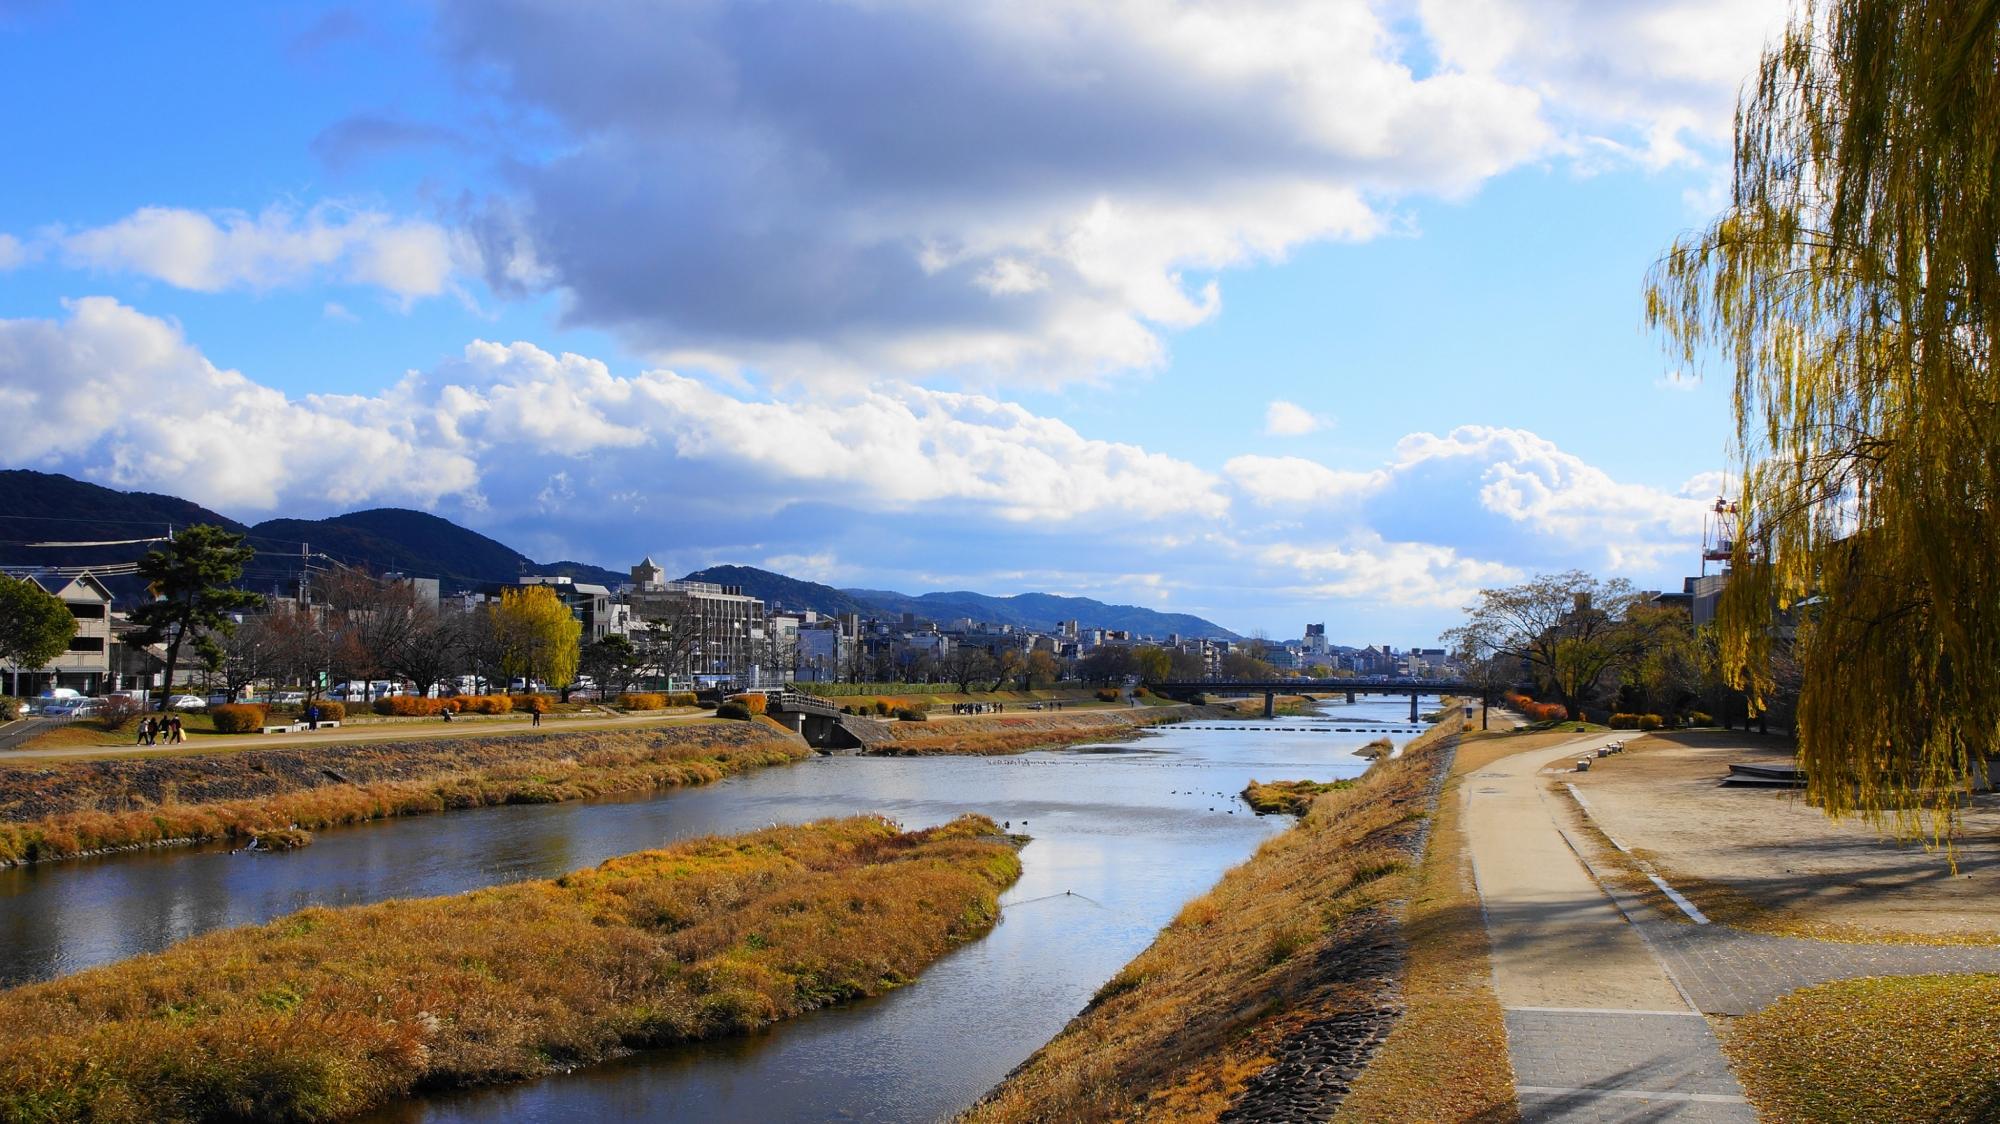 長閑な鴨川の丸太町橋付近の景色